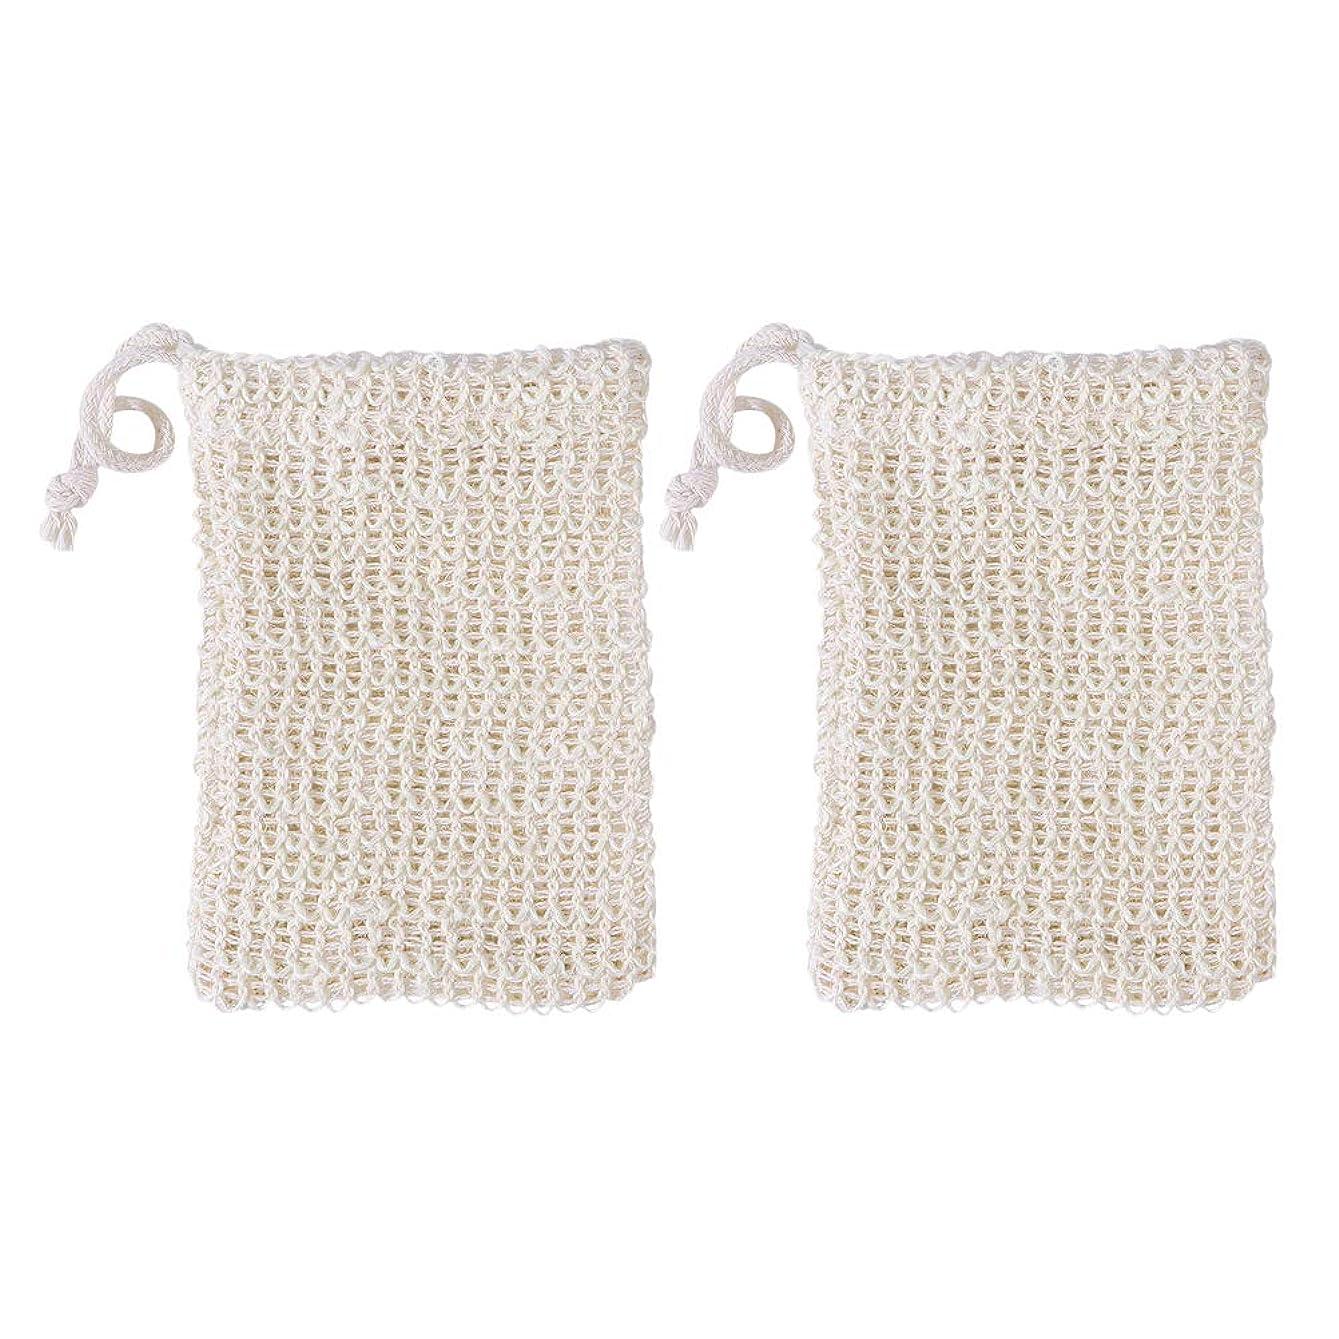 Healifty ソープ ネット 石鹸 ネット 泡立てネット 巾着袋 石けんバッグ 収納袋 サイザル お風呂 泡立て 2点セット